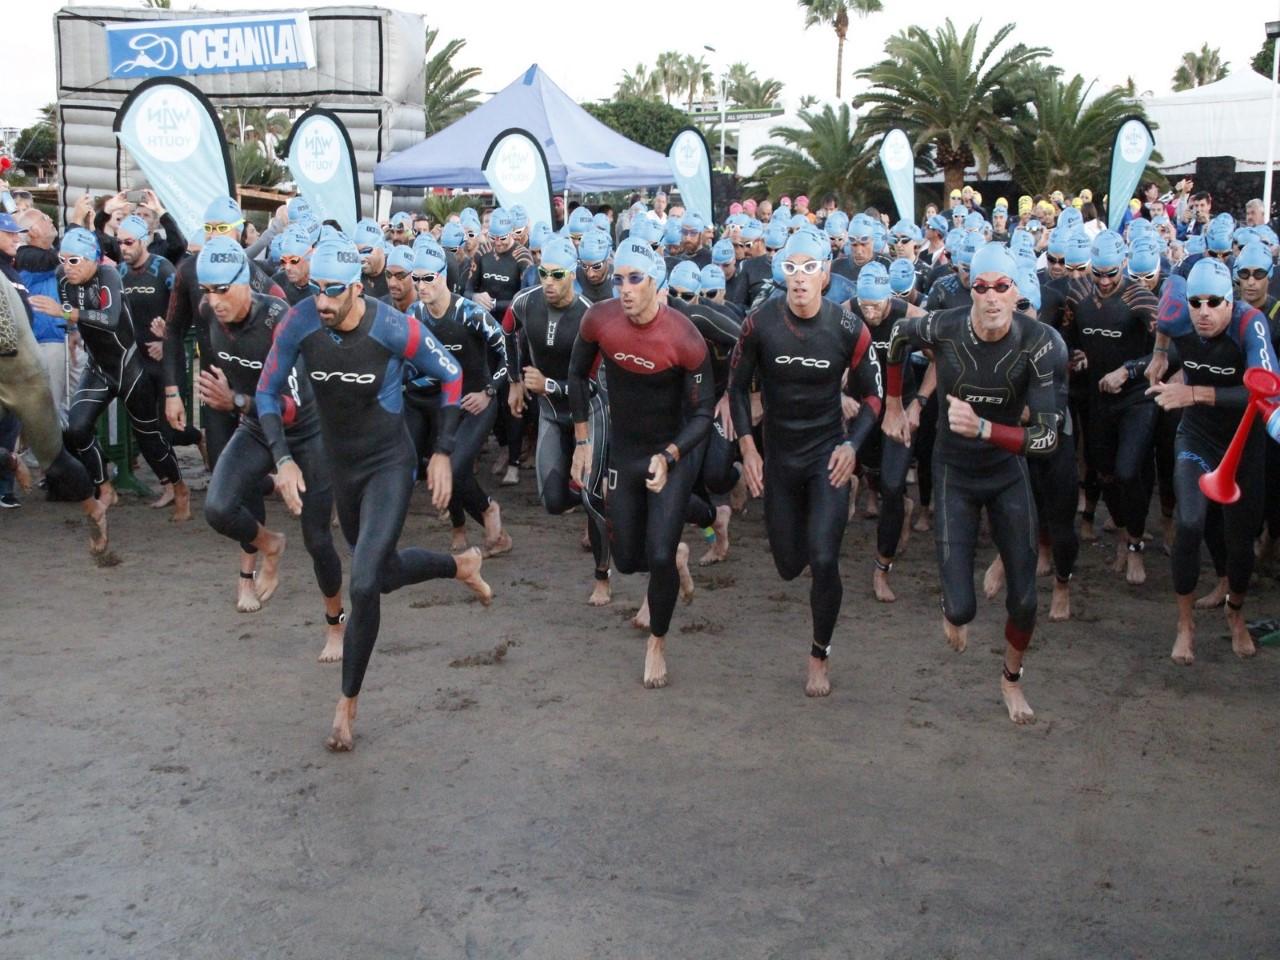 Ocean Lava Lanzarote regresa al calendario el 22 y 23 de octubre